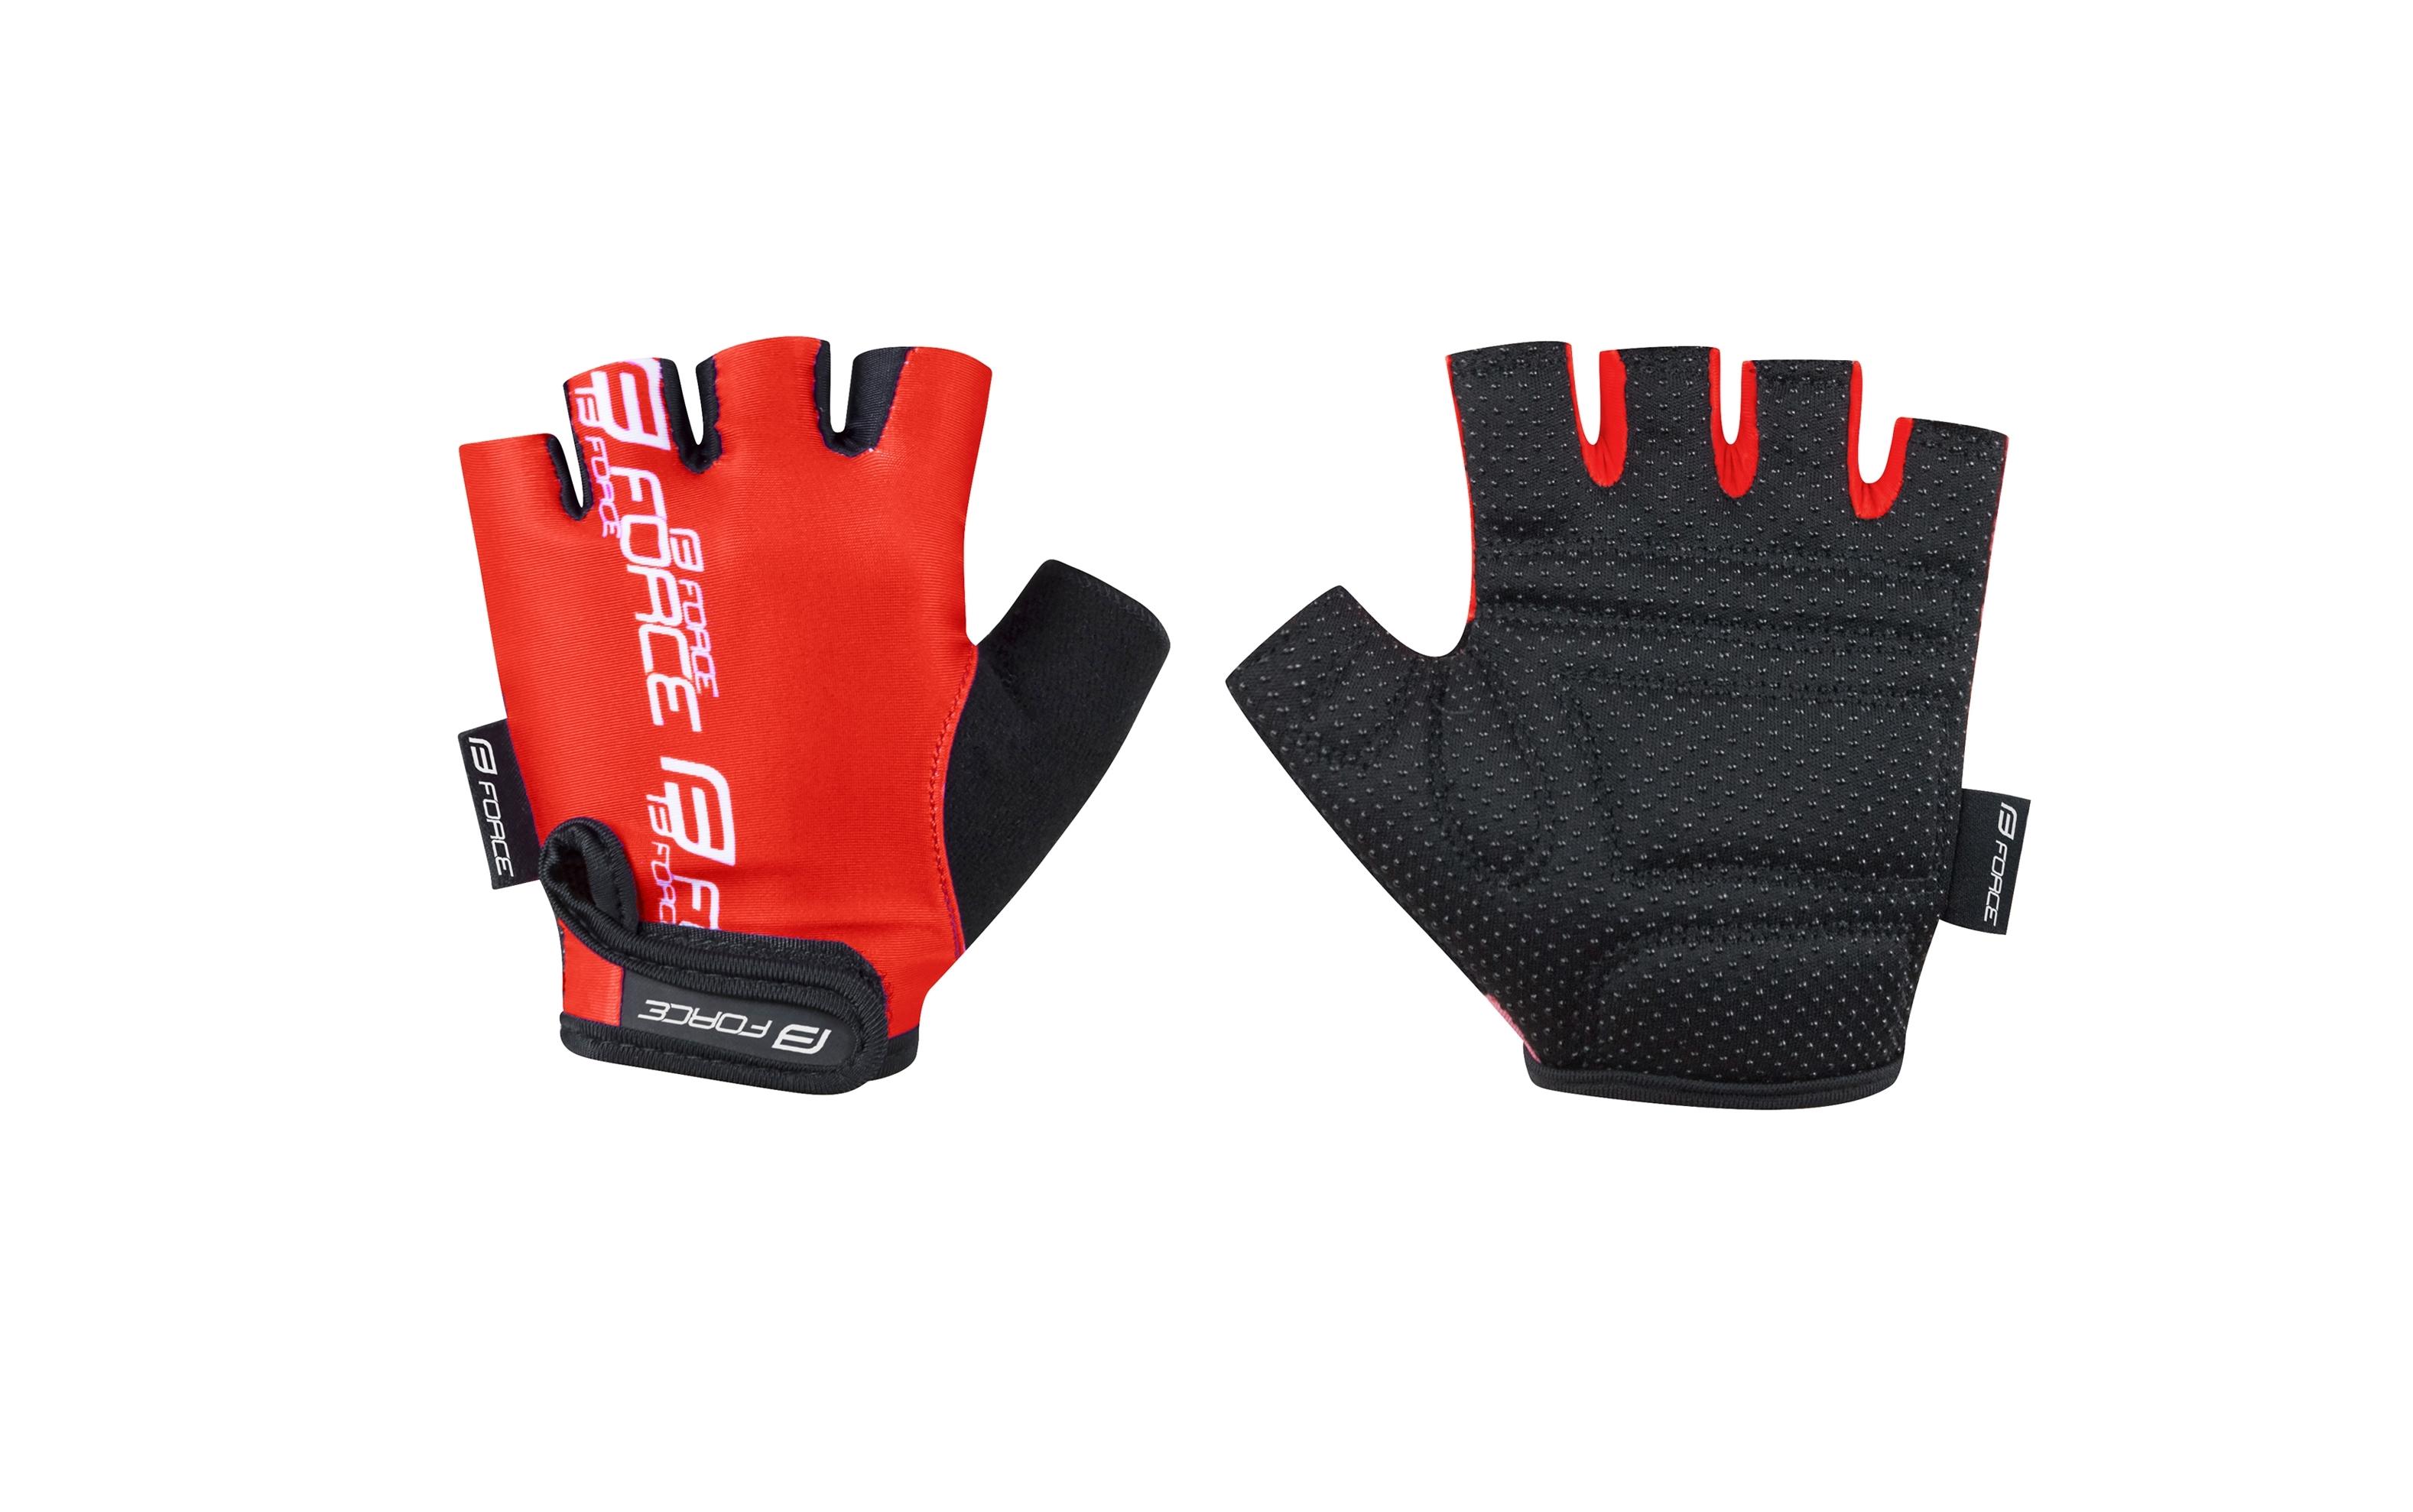 rukavice FORCE KID dětské, červené L